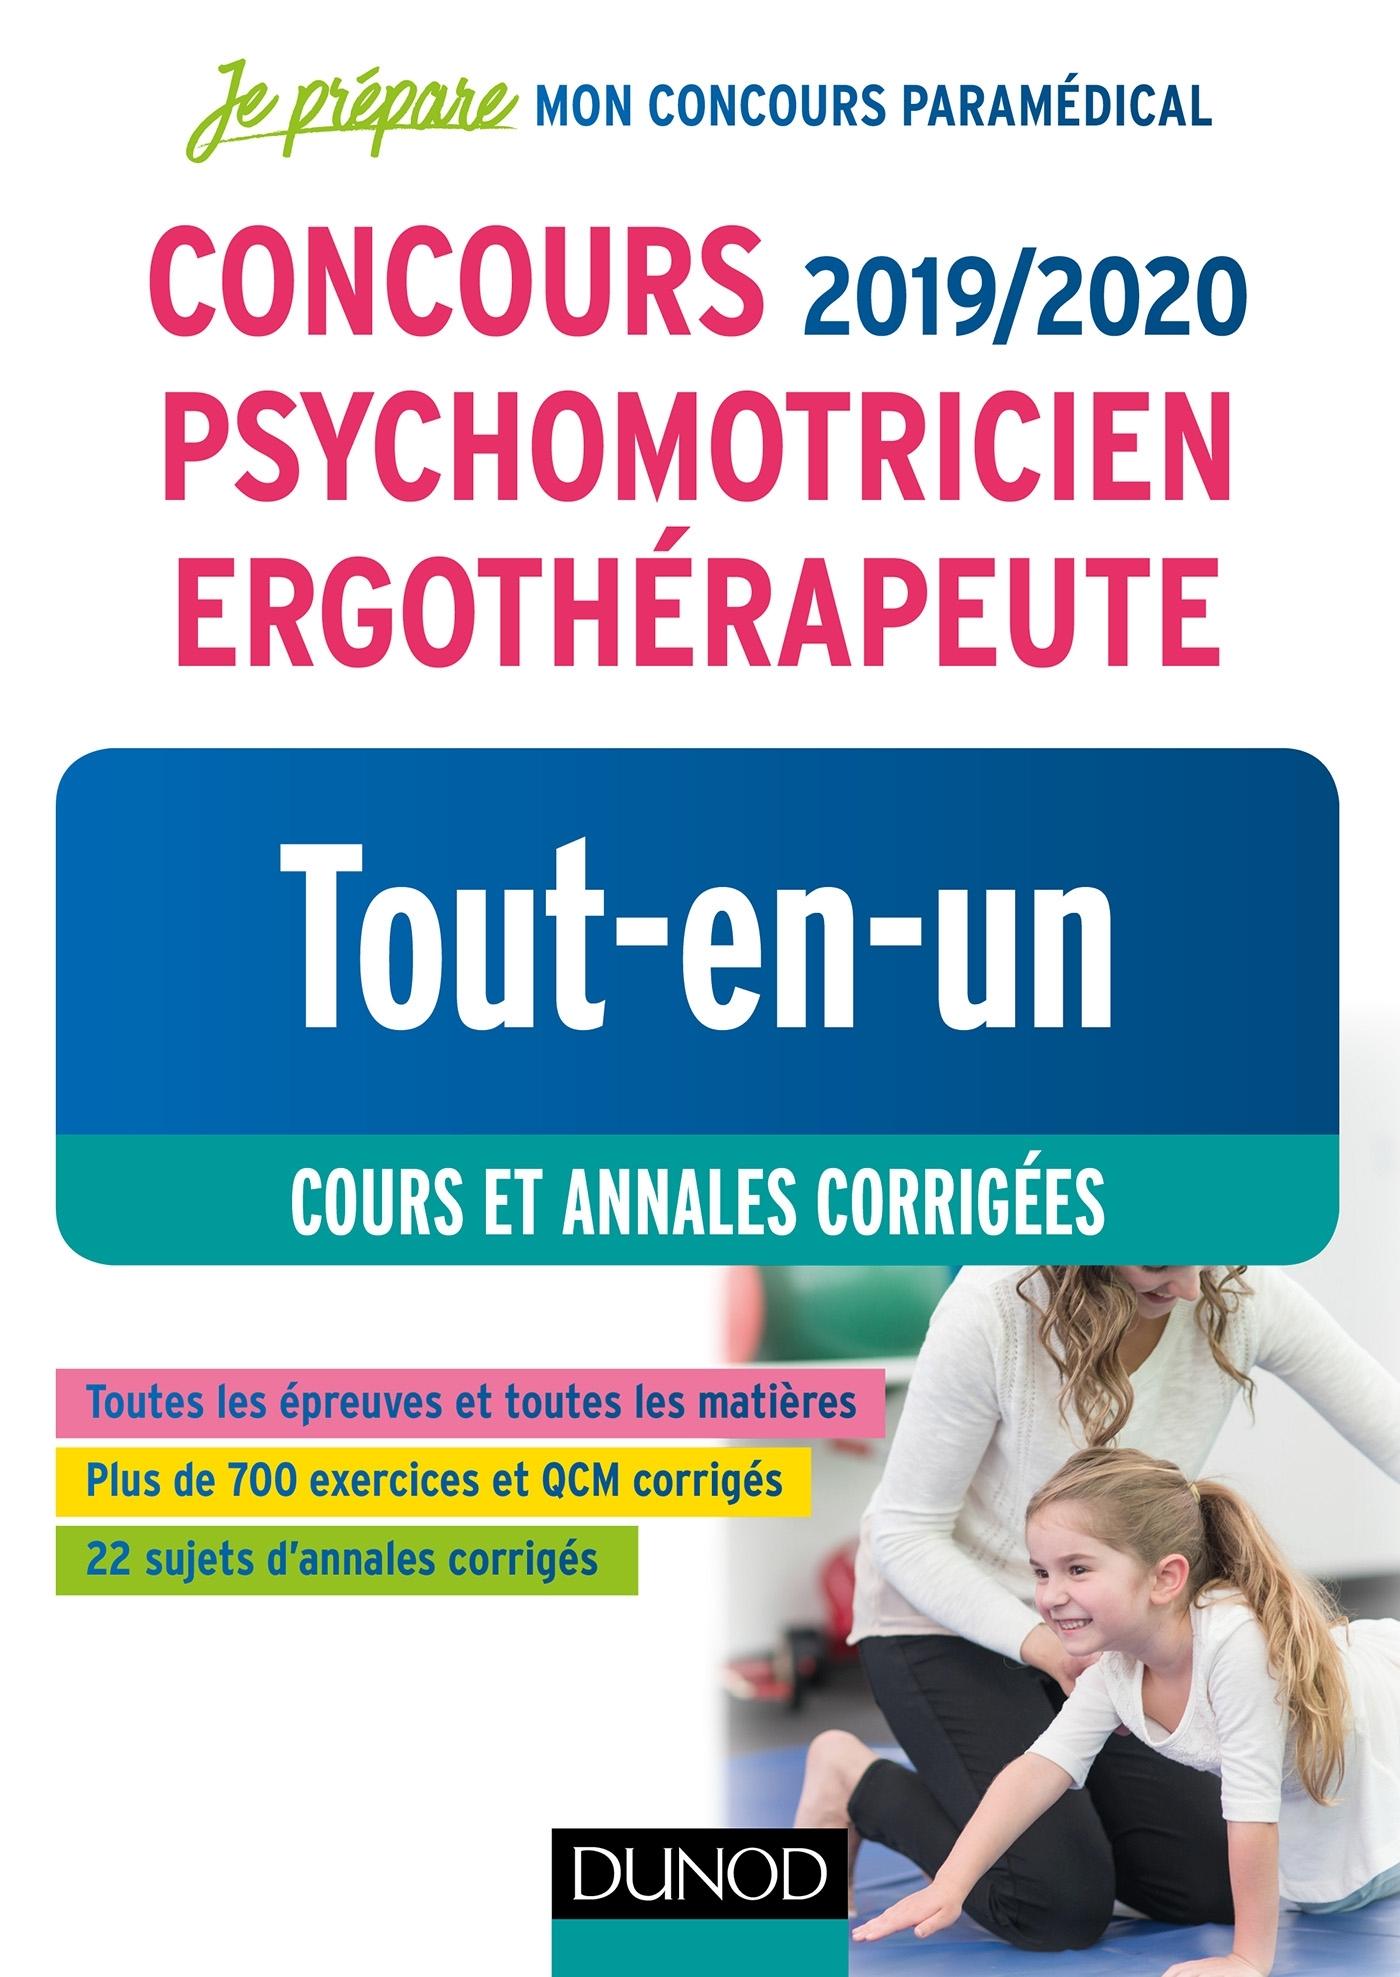 CONCOURS 2019/2020 PSYCHOMOTRICIEN ERGOTHERAPEUTE - TOUT-EN-UN - COURS ET ANNALES CORRIGEES